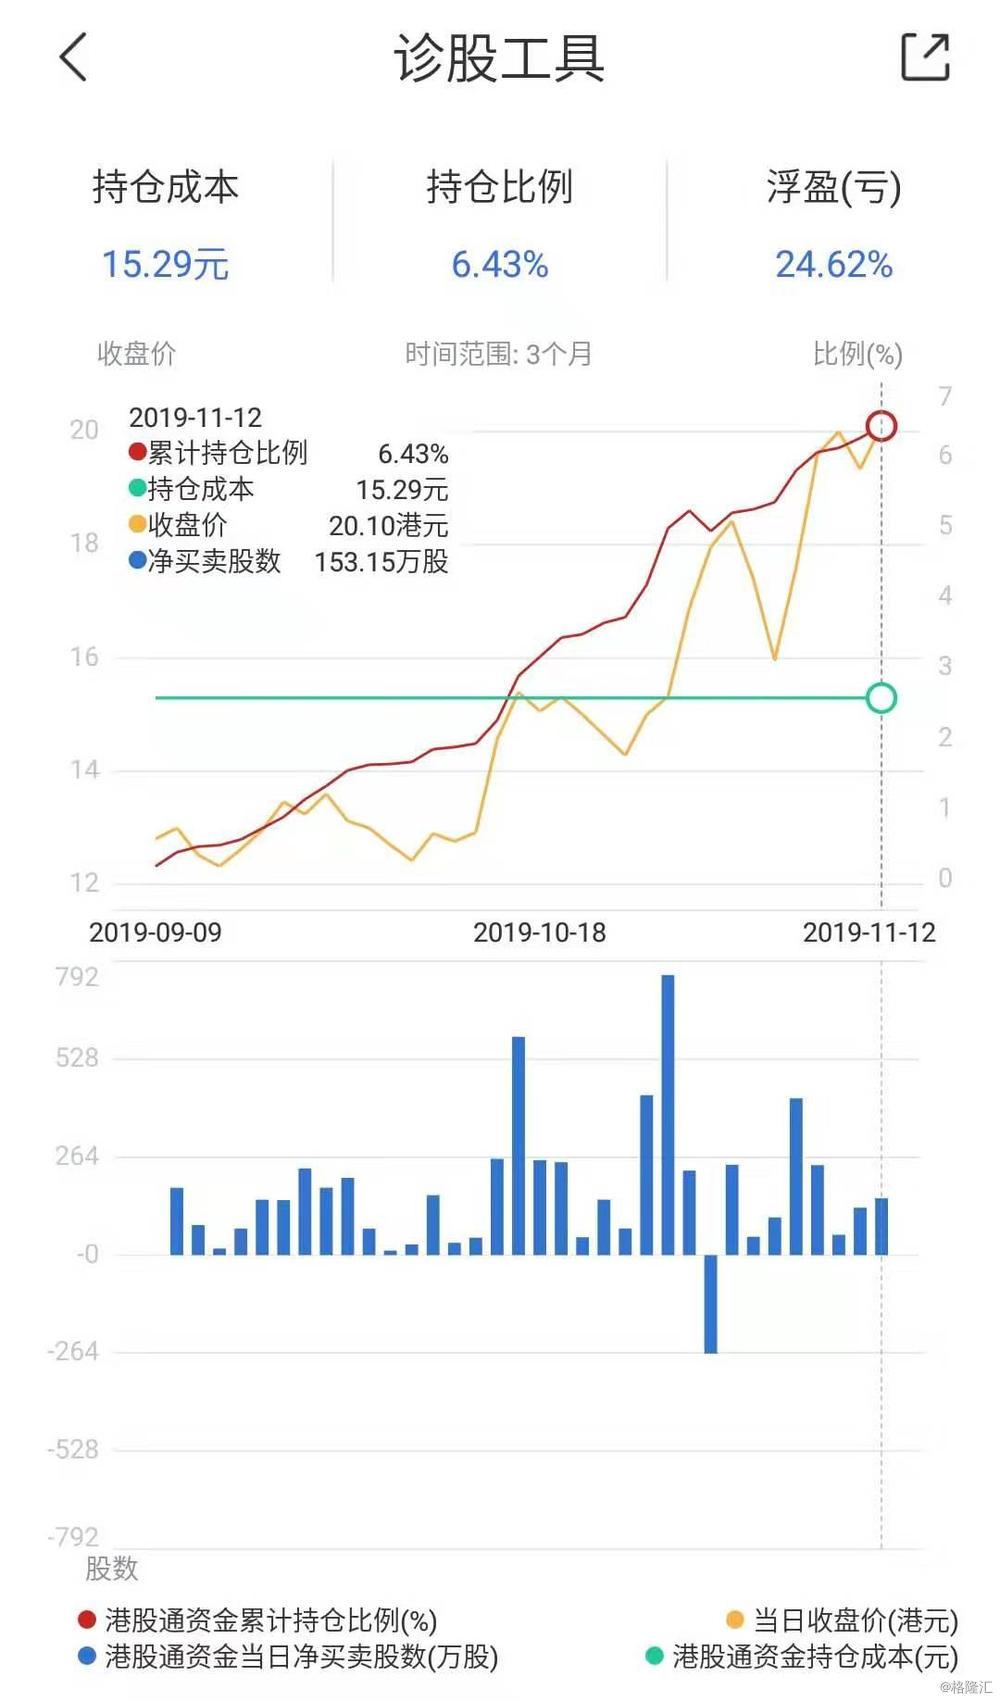 新东方在线(1797.HK)领涨教育股 被纳入港股通2个月南下资金增持至6.4%